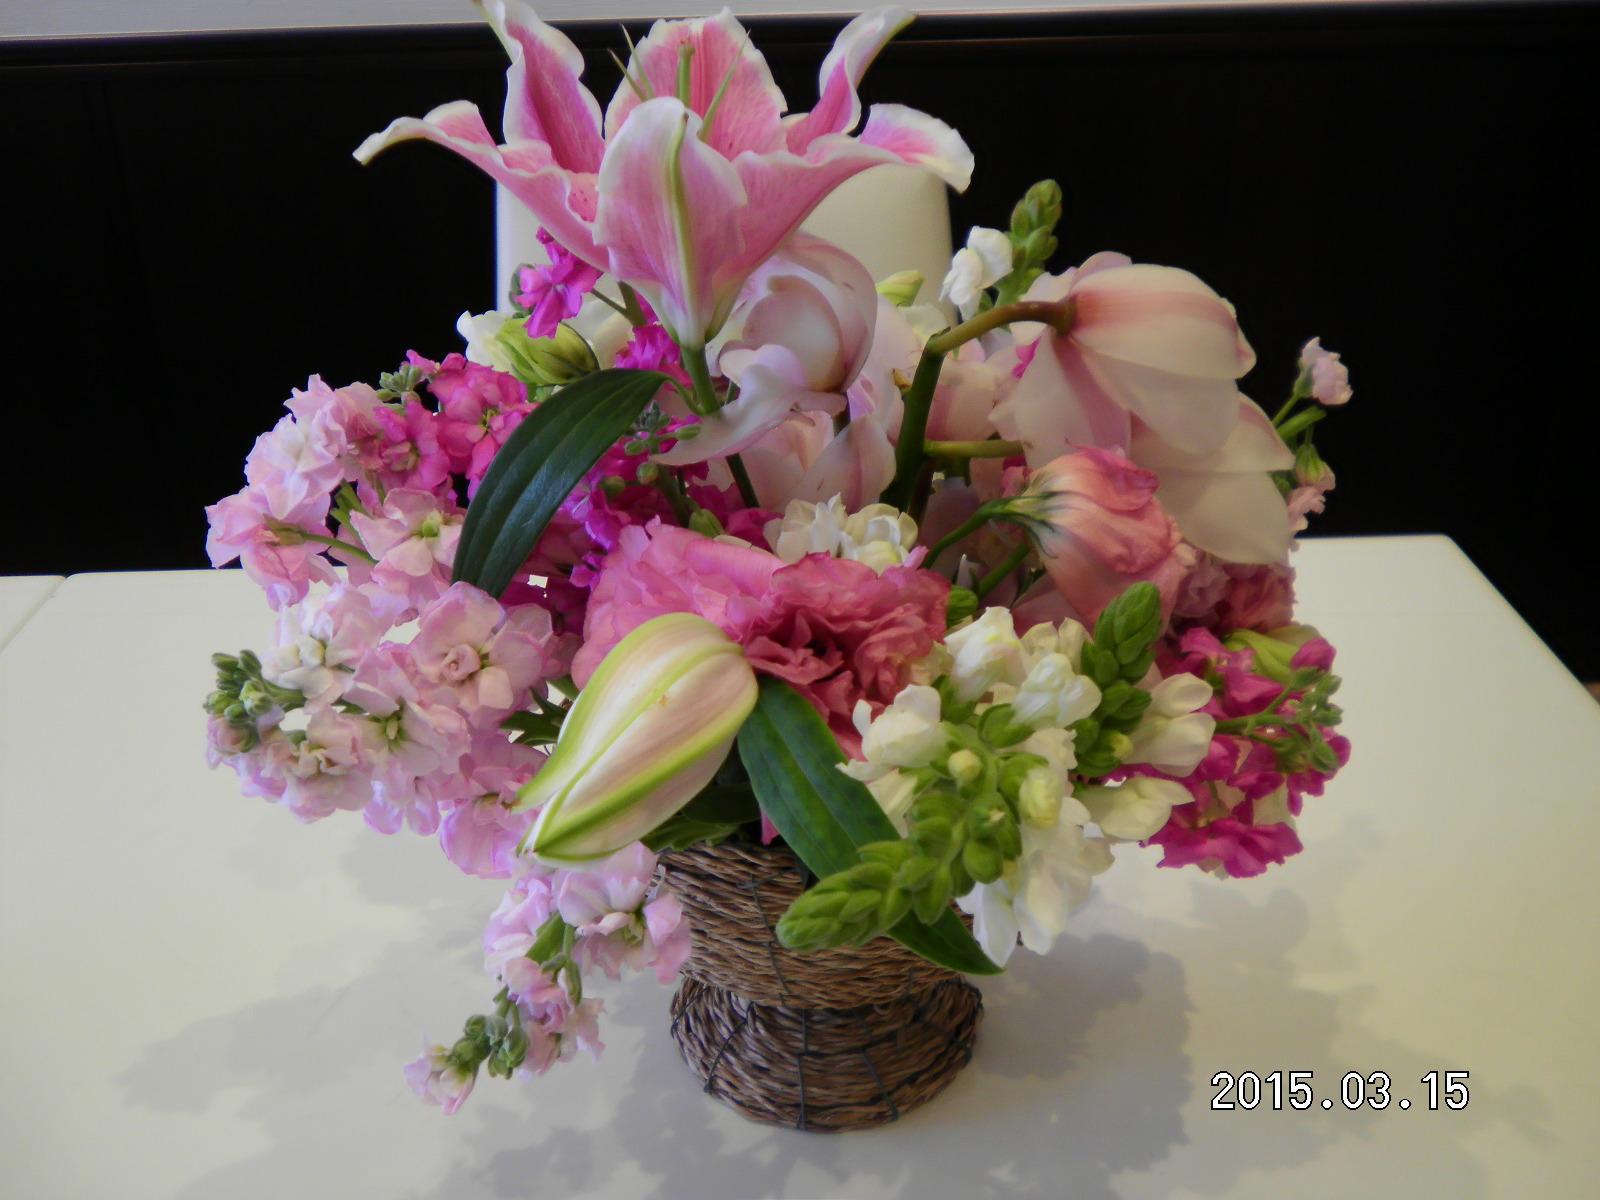 たくさんのお祝いのお花_e0190287_1434860.jpg